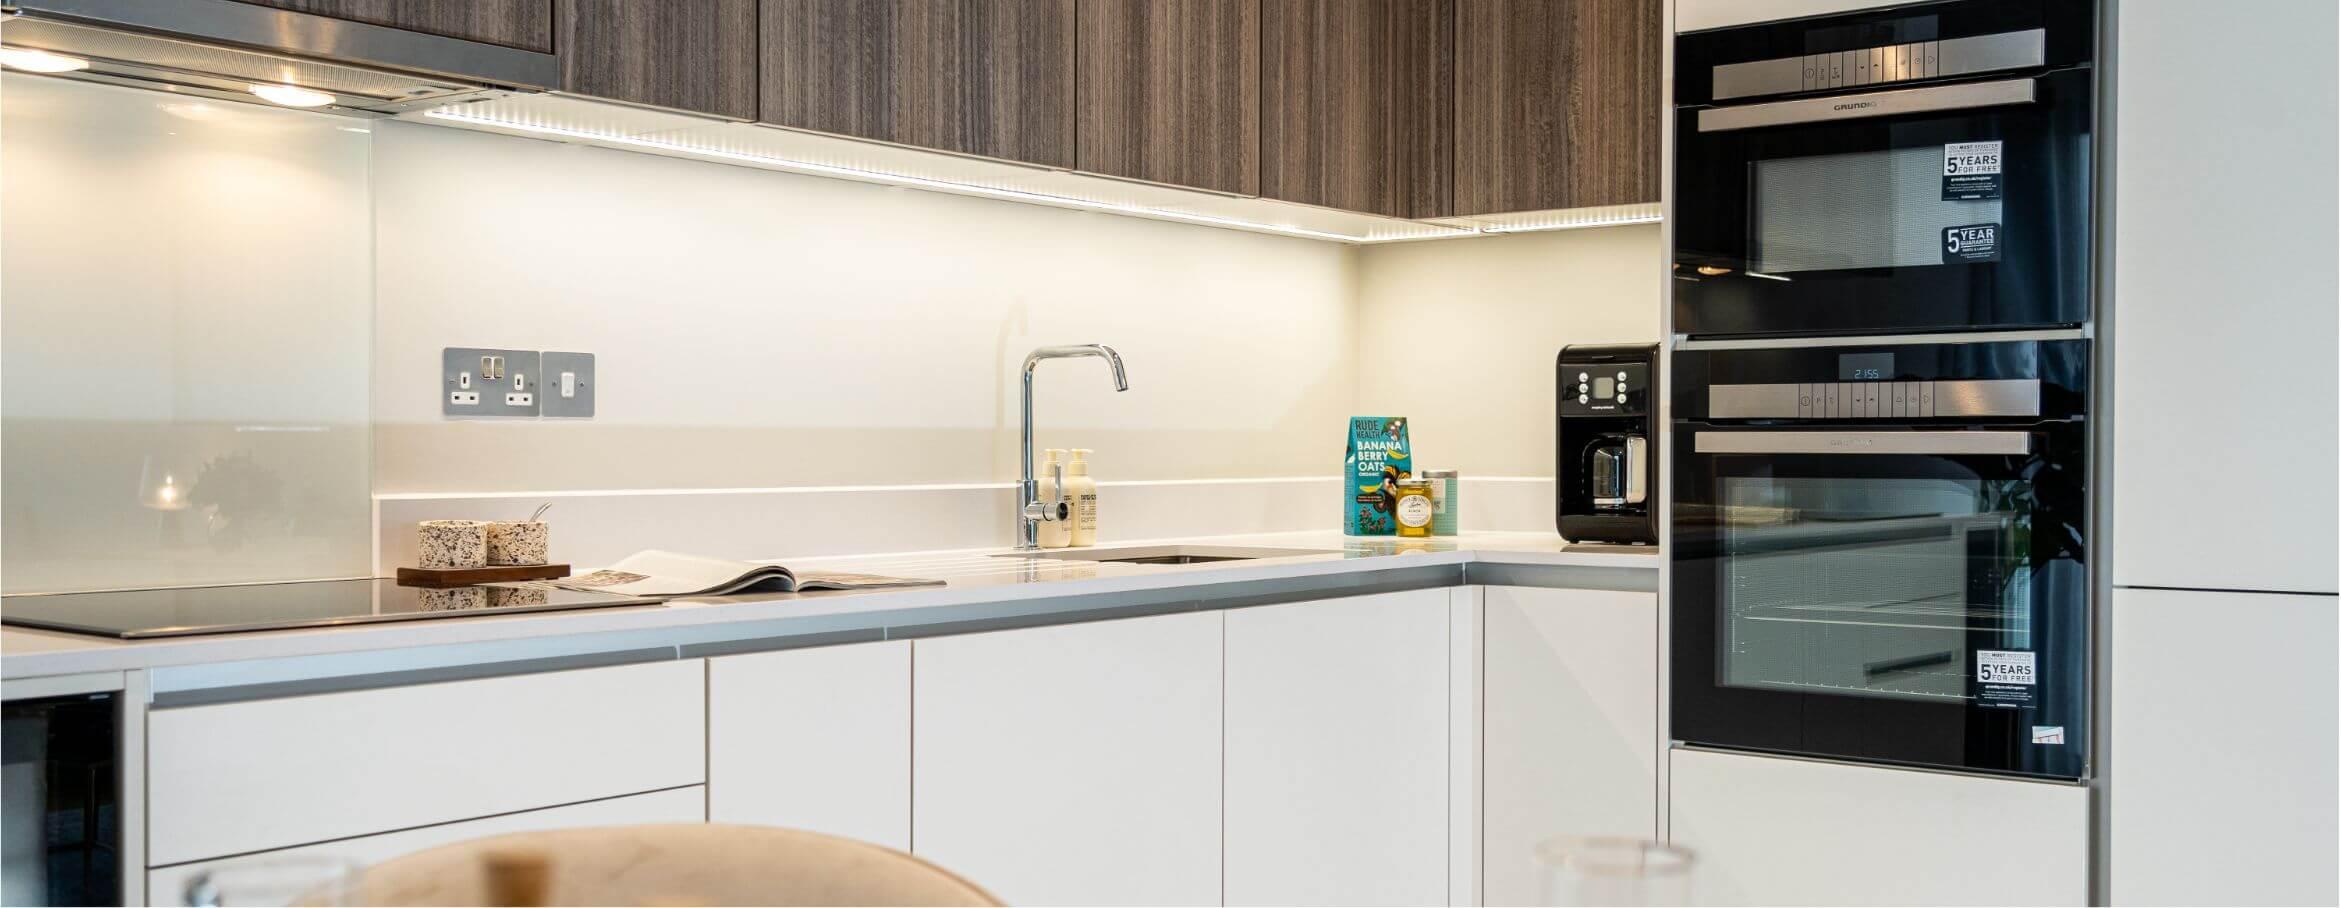 Twickenham 31 Kitchen space